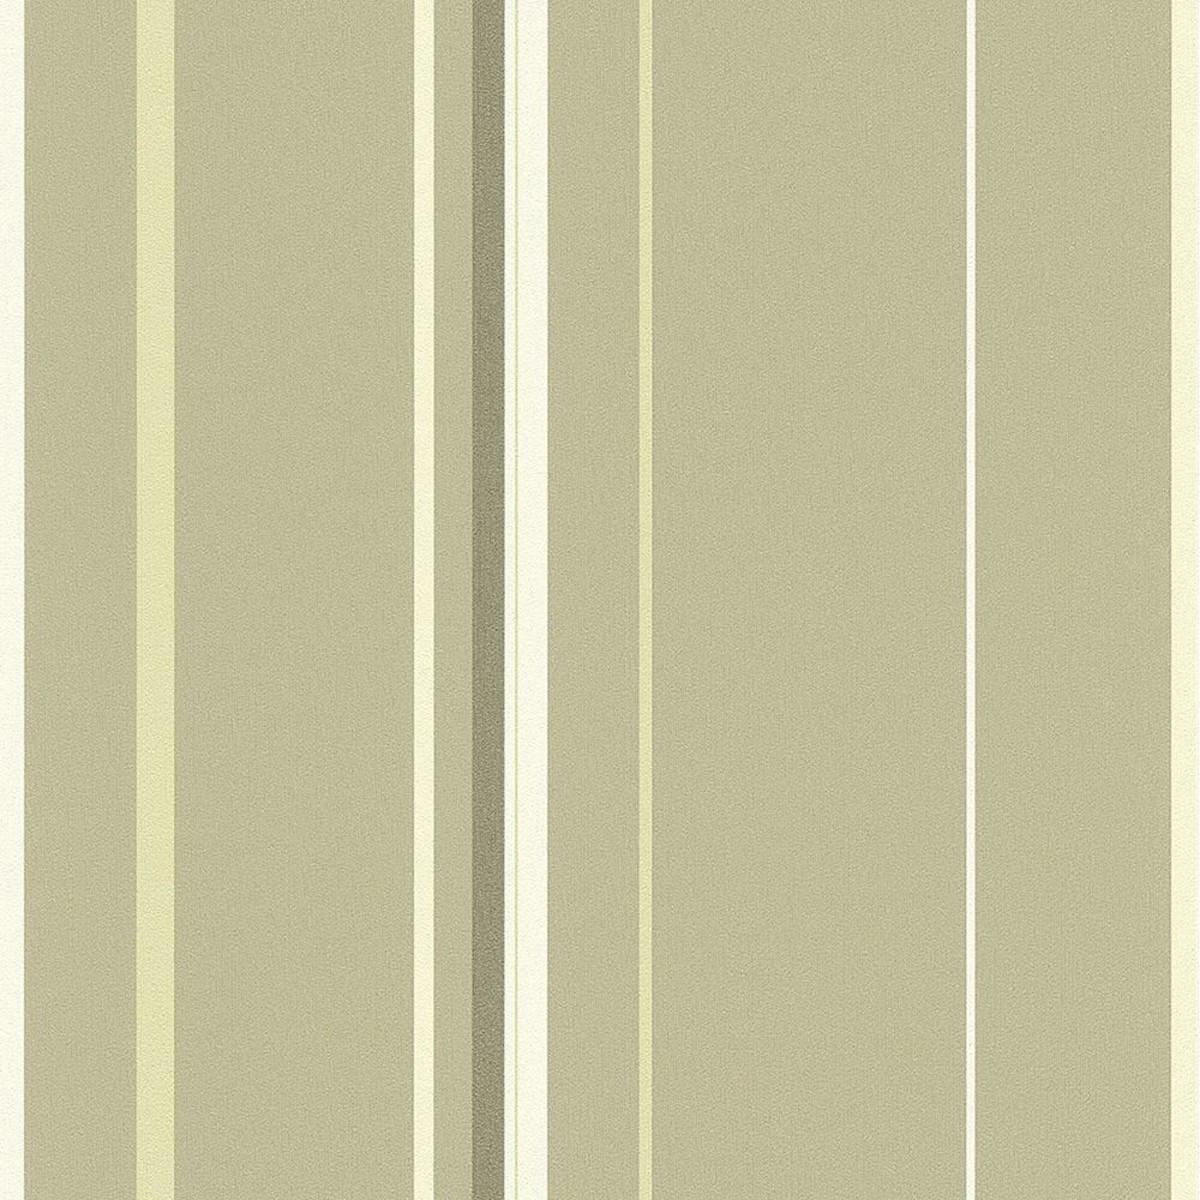 Обои флизелиновые Rasch Valverde зеленые 0.53 м 764666